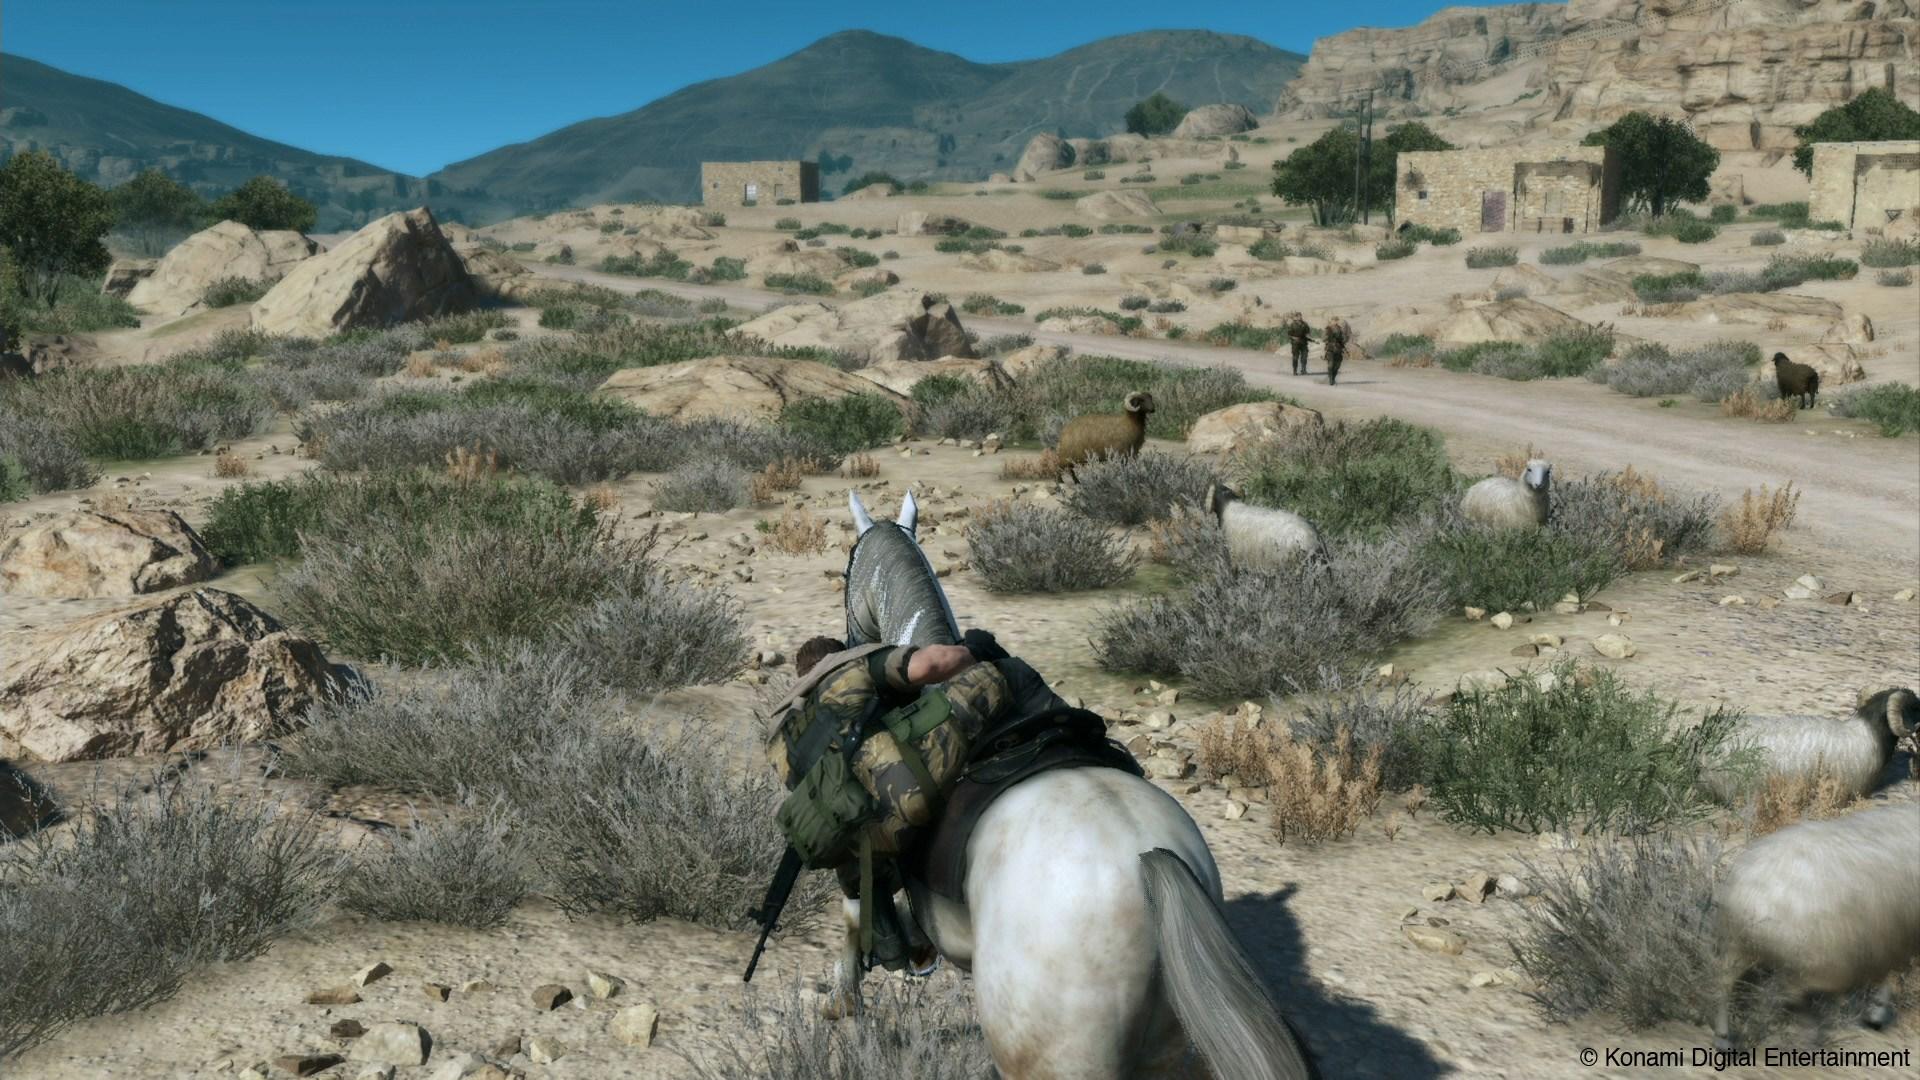 合金装备5:幻痛/Metal Gear Solid V: The Phantom Pain